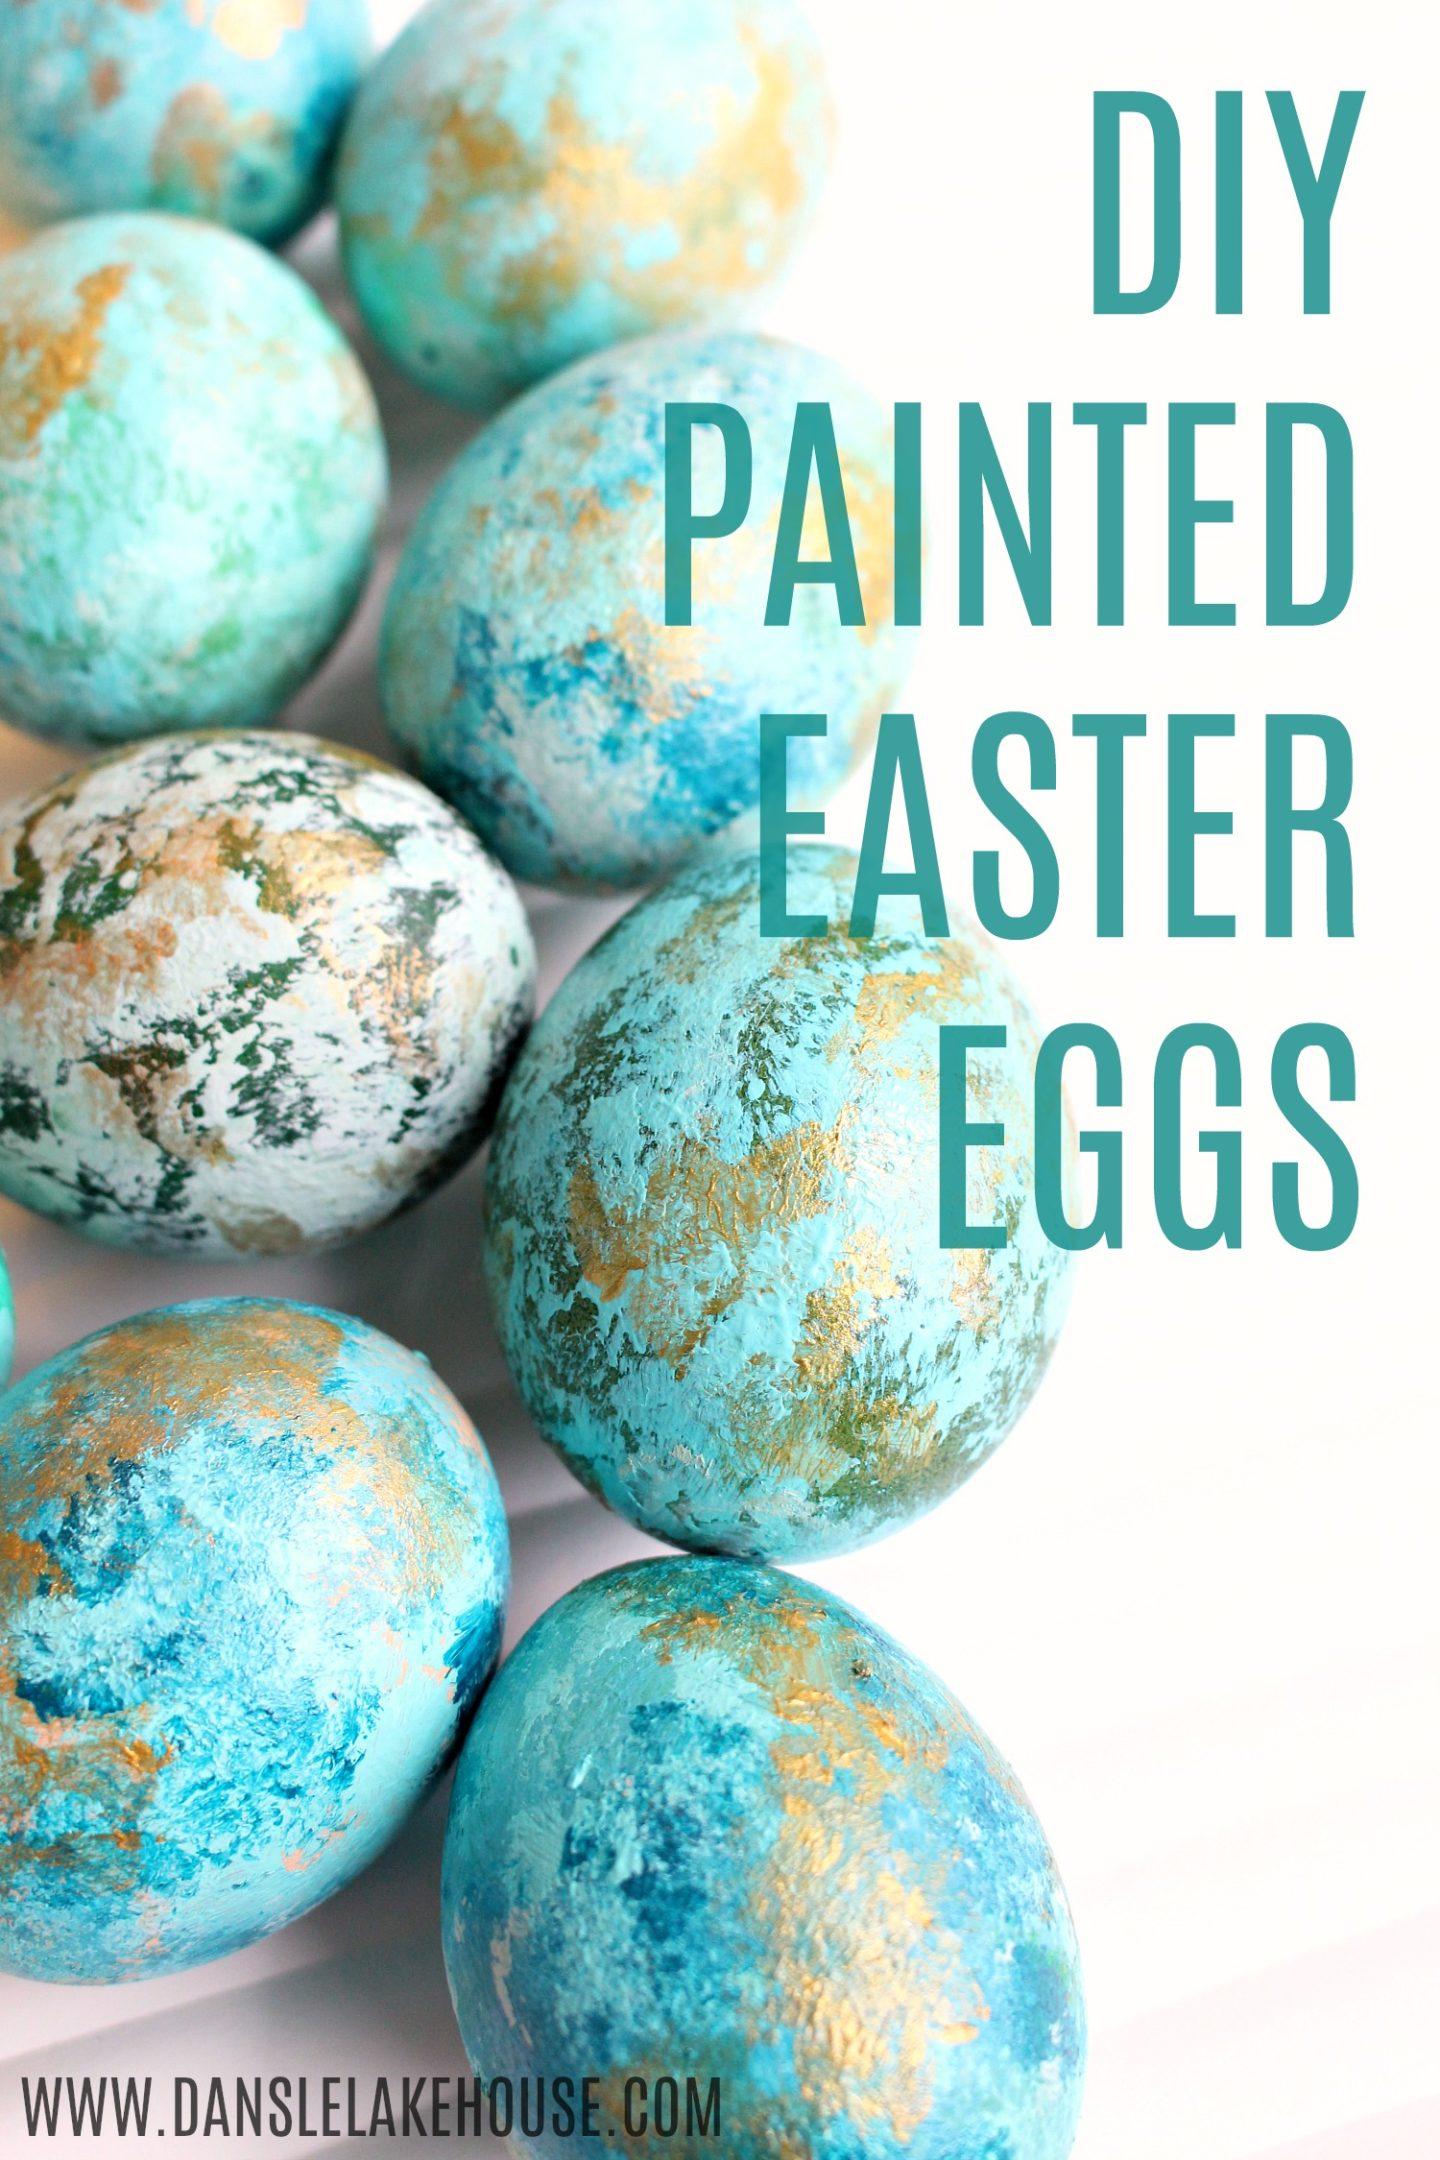 DIY Painted Easter Eggs